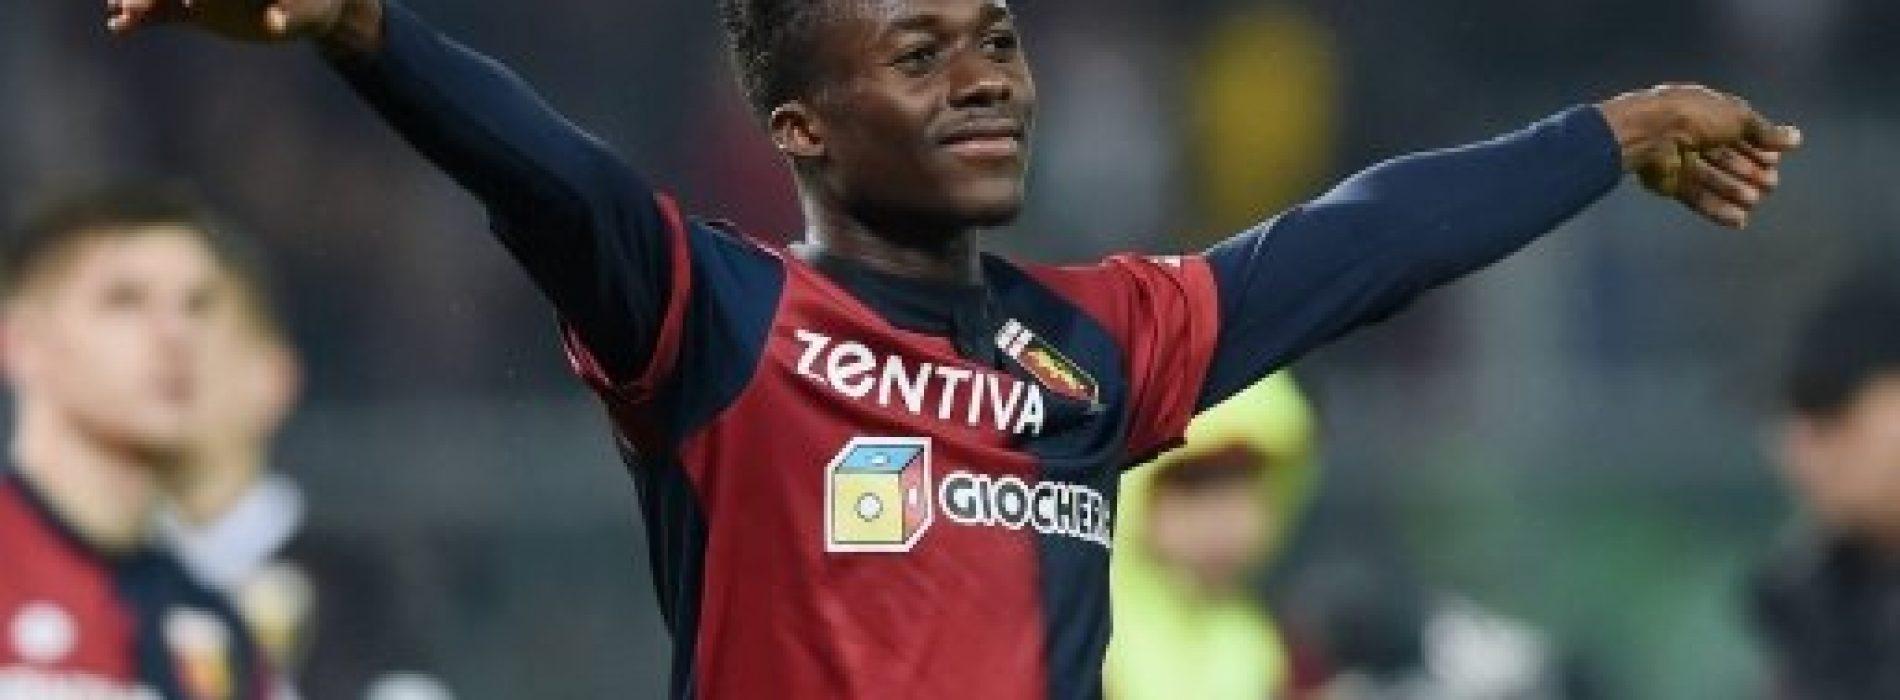 Kouamè Genoa, le parole del suo procuratore sul futuro del giocatore